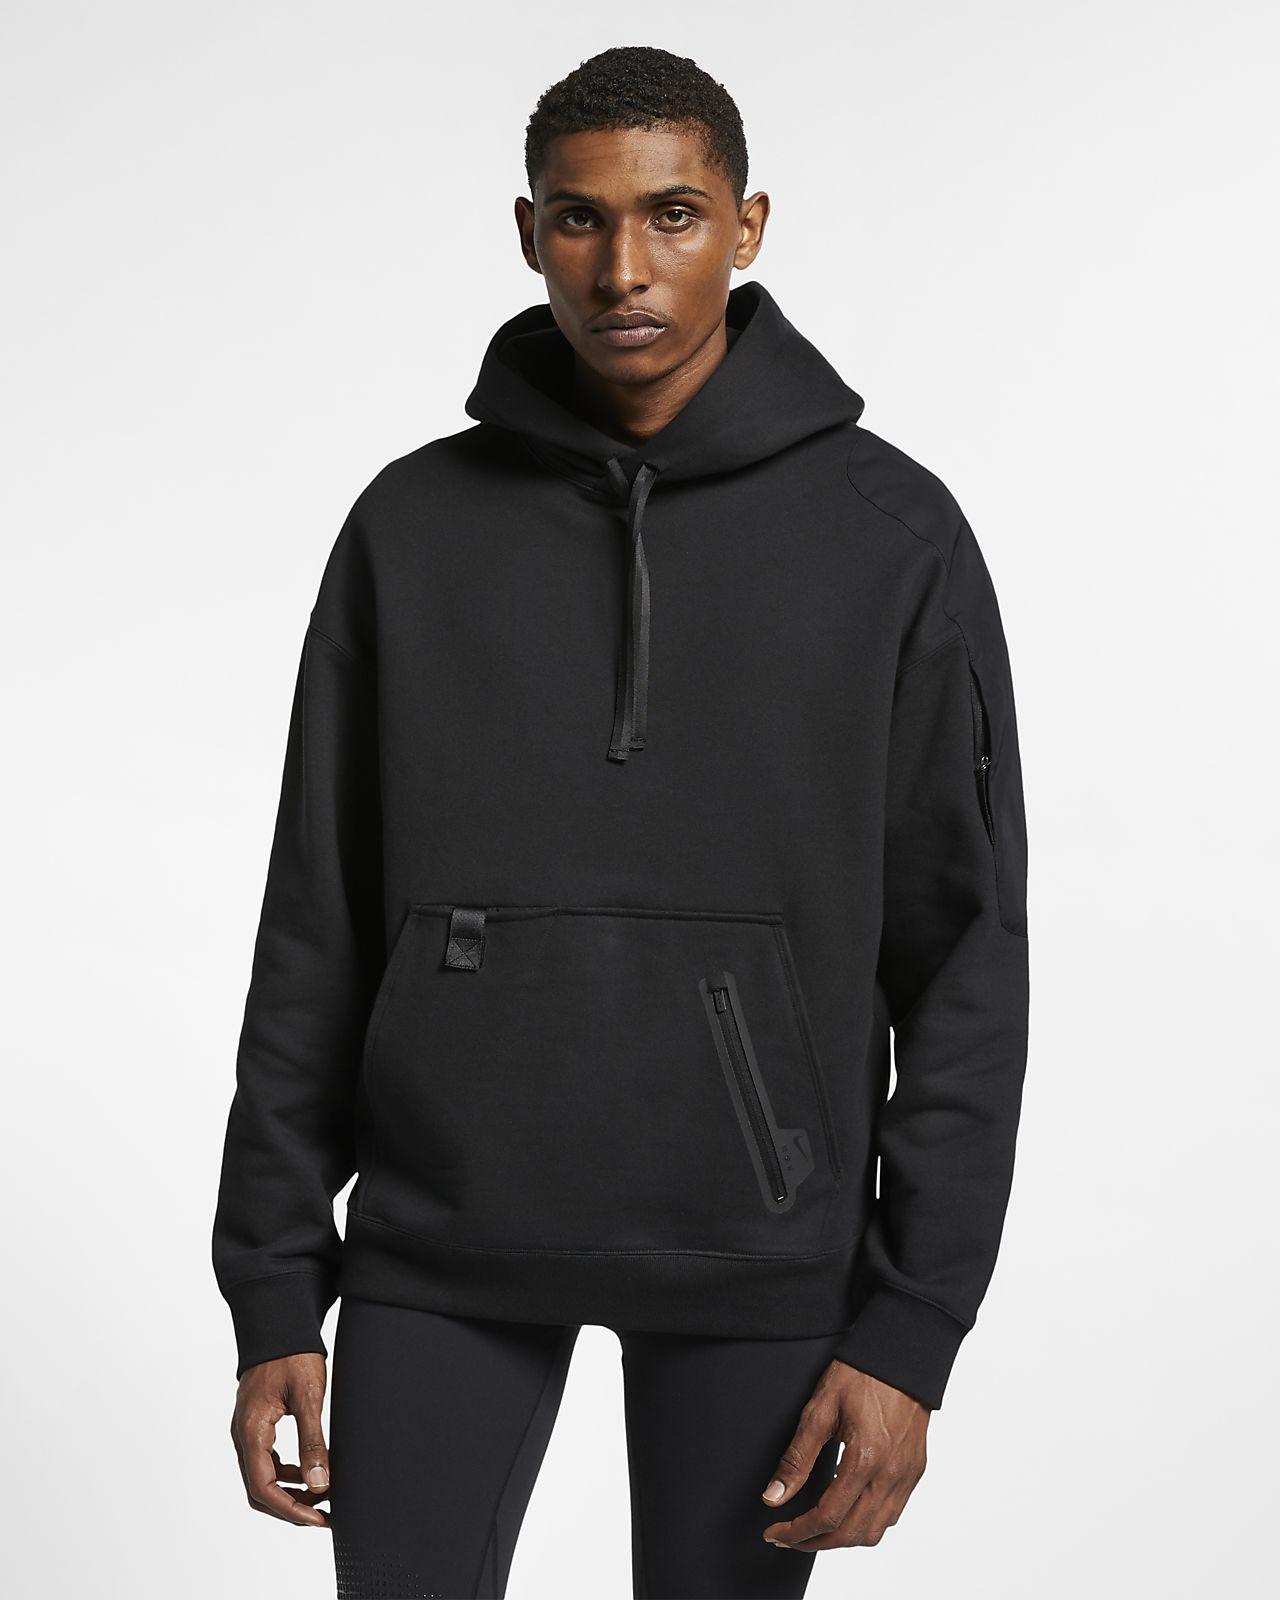 Nike x MMW 男子套头连帽衫